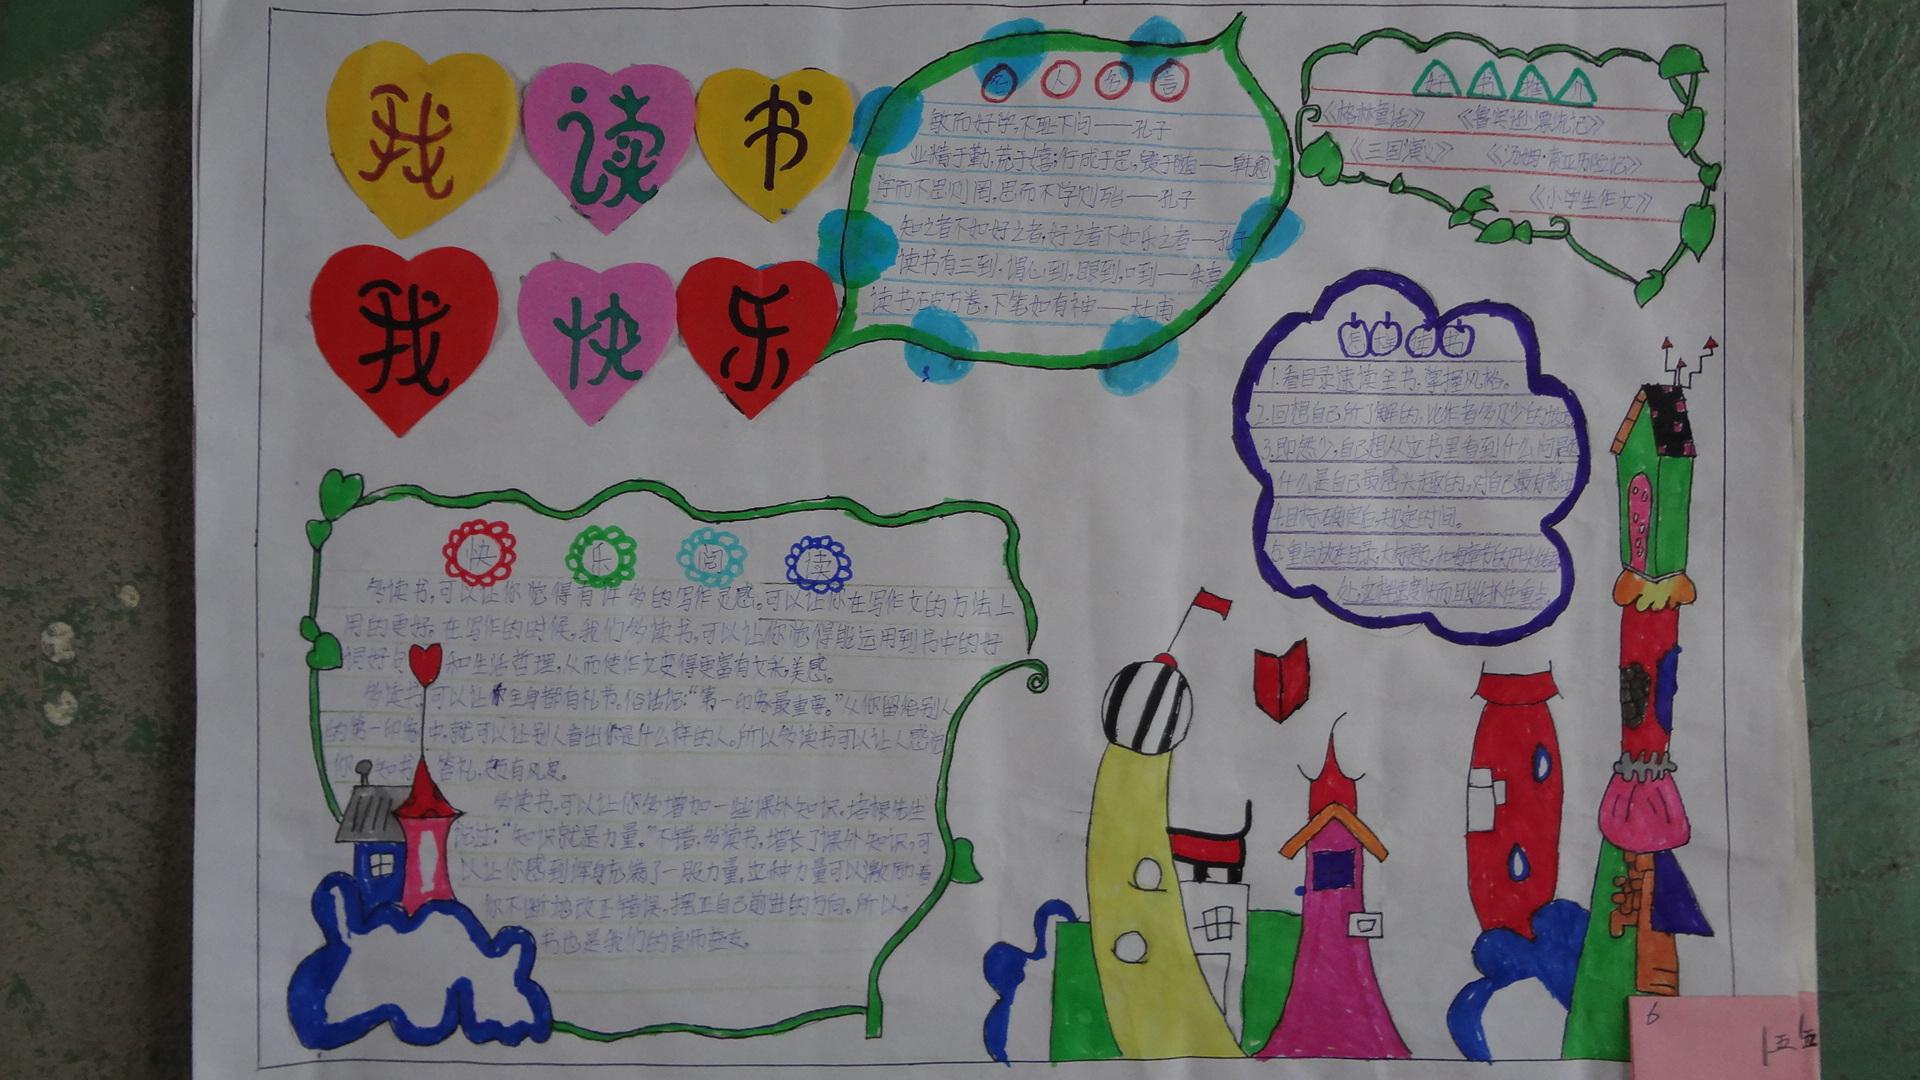 """石屯中心小学举行""""我读书我快乐""""手抄报制作比赛活动"""